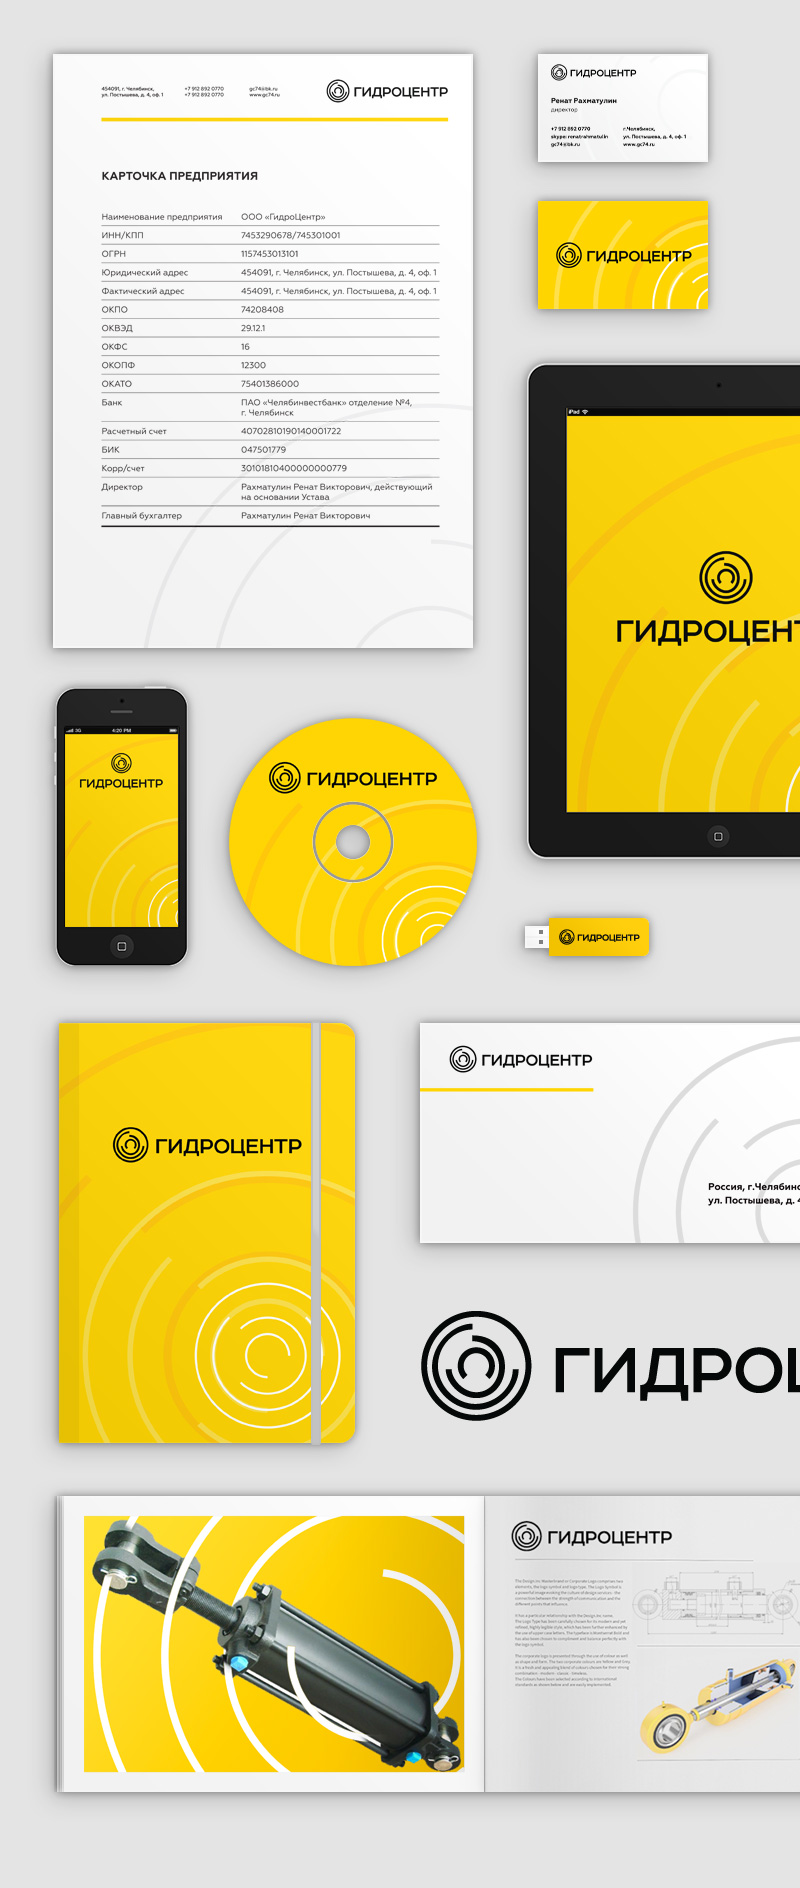 Логотип и стиль компании «Гидроцентр»